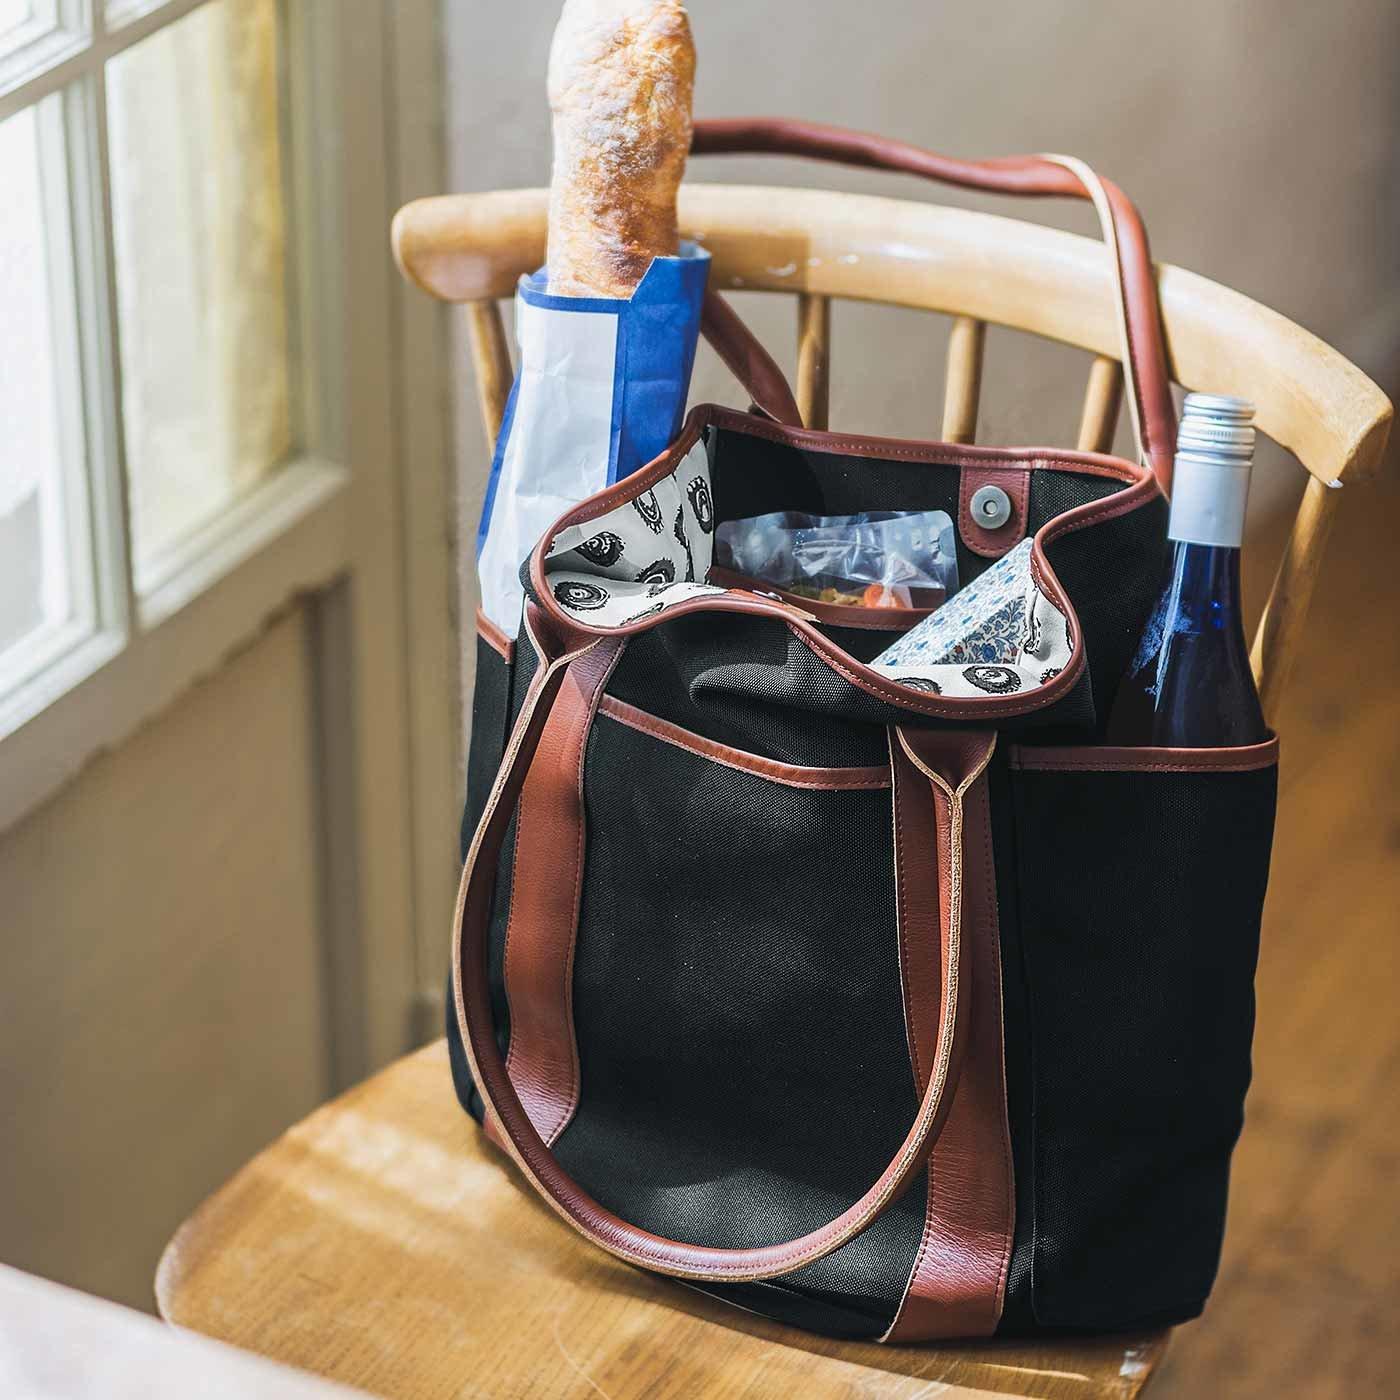 チョコレートバイヤーと作った 職人本革遣いの帆布バイヤーマルシェバッグ〈ブラック〉[帆布 鞄:日本製]